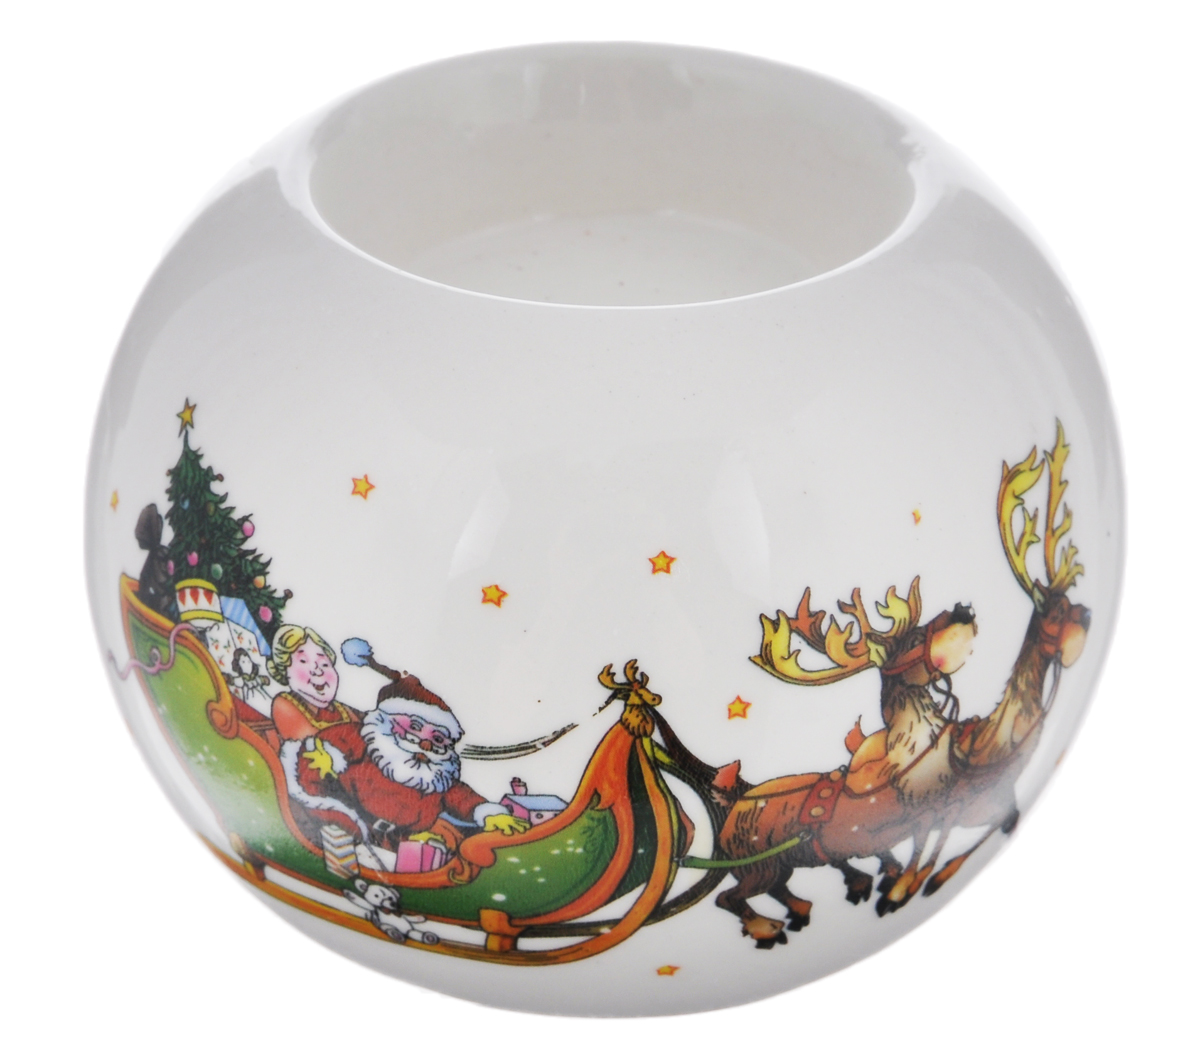 Подсвечник Winter Wings Дед Мороз, 7,5 см х 7,5 см х 5,5 см907698Подсвечник Winter Wings Дед Мороз, изготовленный из керамики, станет прекрасным украшением интерьера помещения в преддверии Нового года. Подсвечник украшен красивым новогодним изображением Деда Мороза на санях. Имеется одно отверстие для чайной свечи (свеча в комплект не входит). Зажигать свечи в Новый год - неизменная традиция, которая позволяет наполнить дом волшебством и таинственностью новогодней ночи.